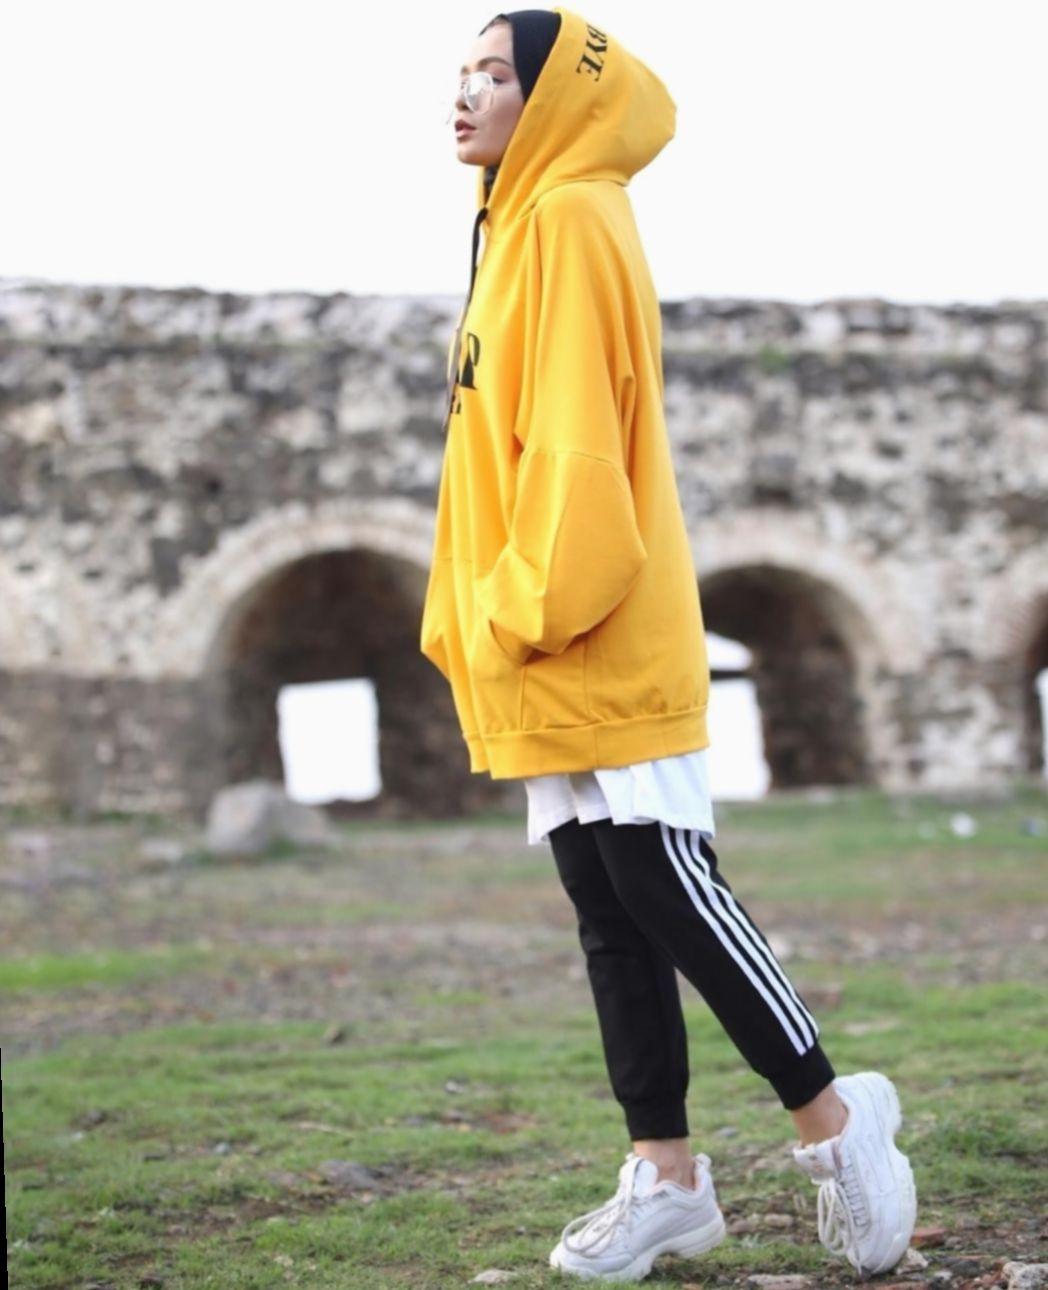 fitness outfits women hijab gymmotivation nikewomen